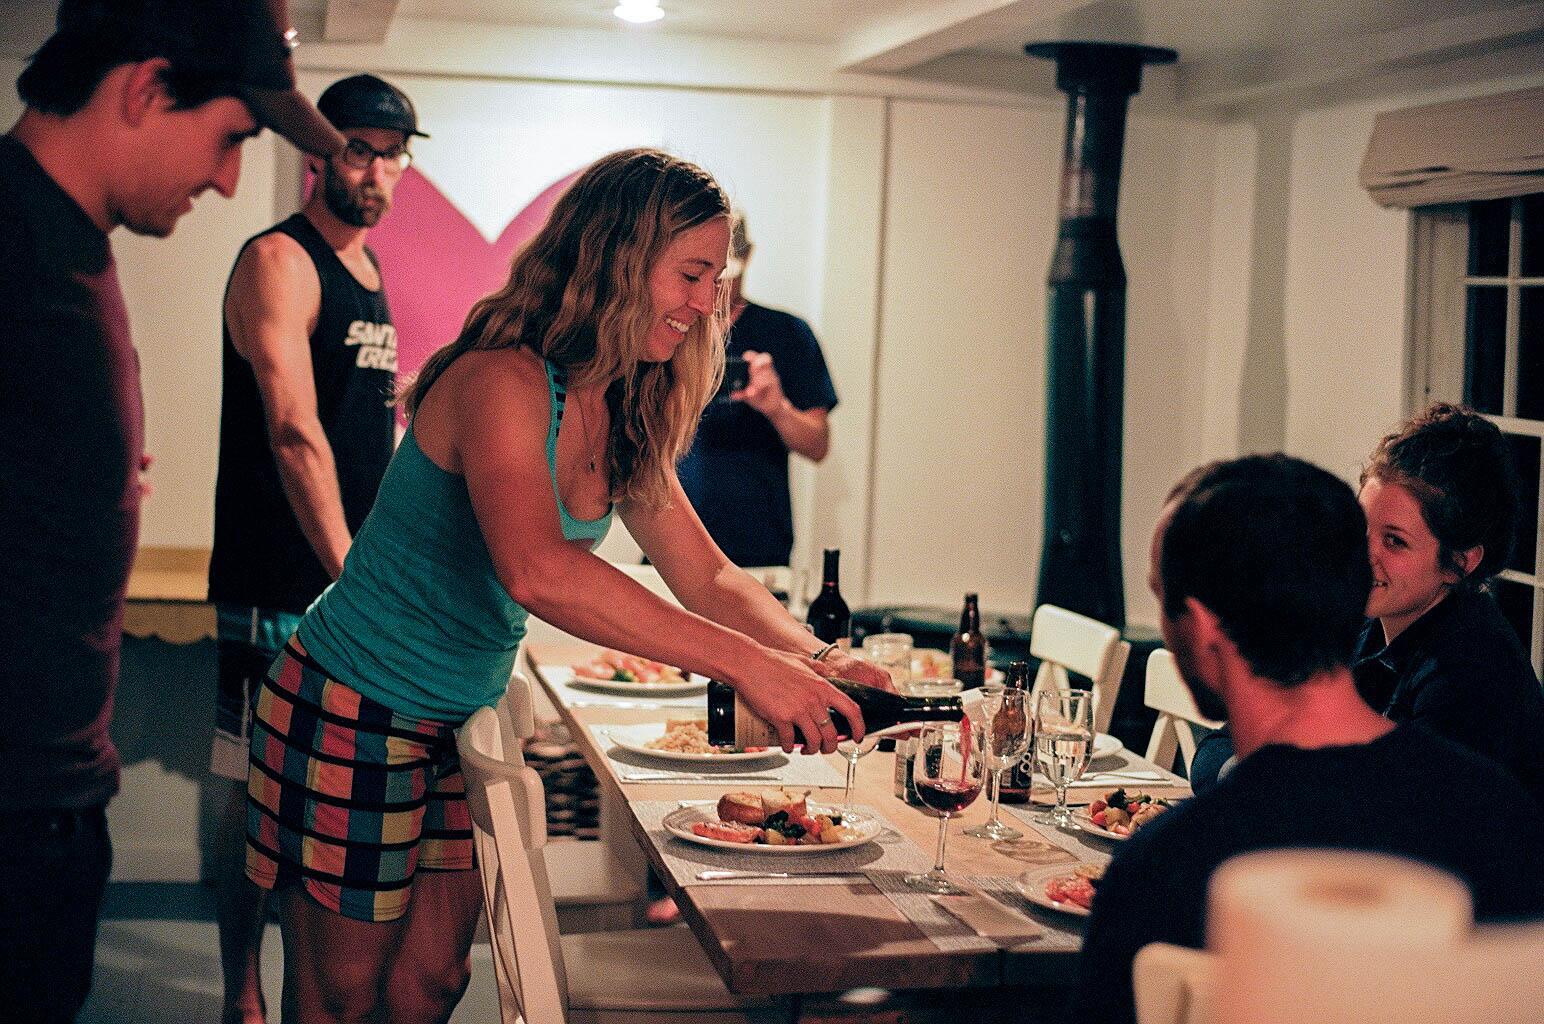 7. bourgeoisie family dinner